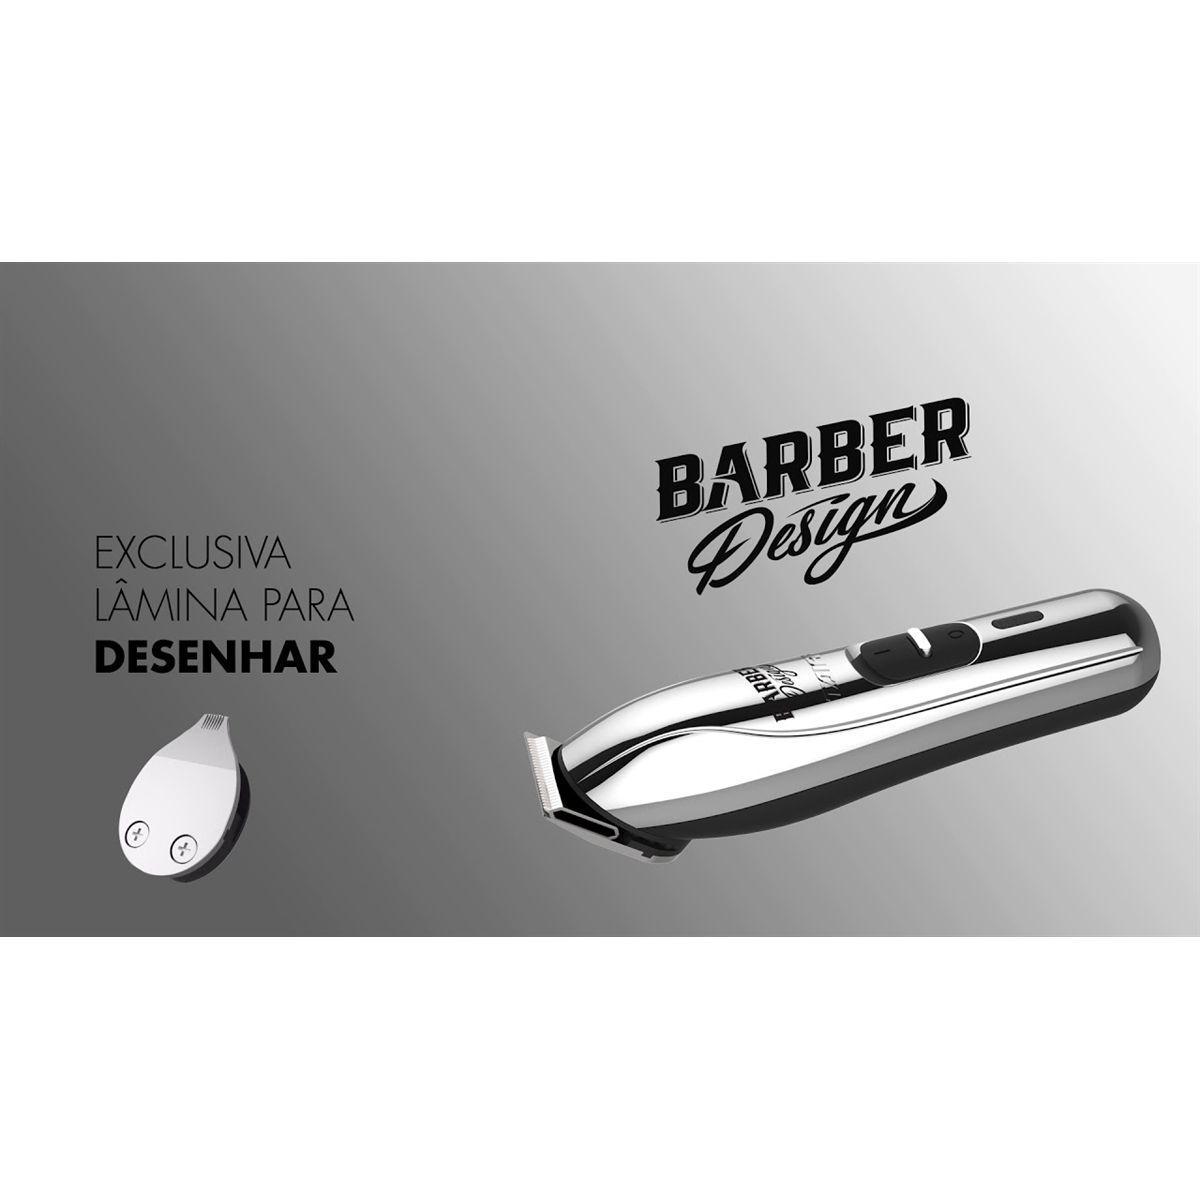 ed05096f0 Taiff barber design maquina de acabamento bivolt - Máquina de Cortar ...